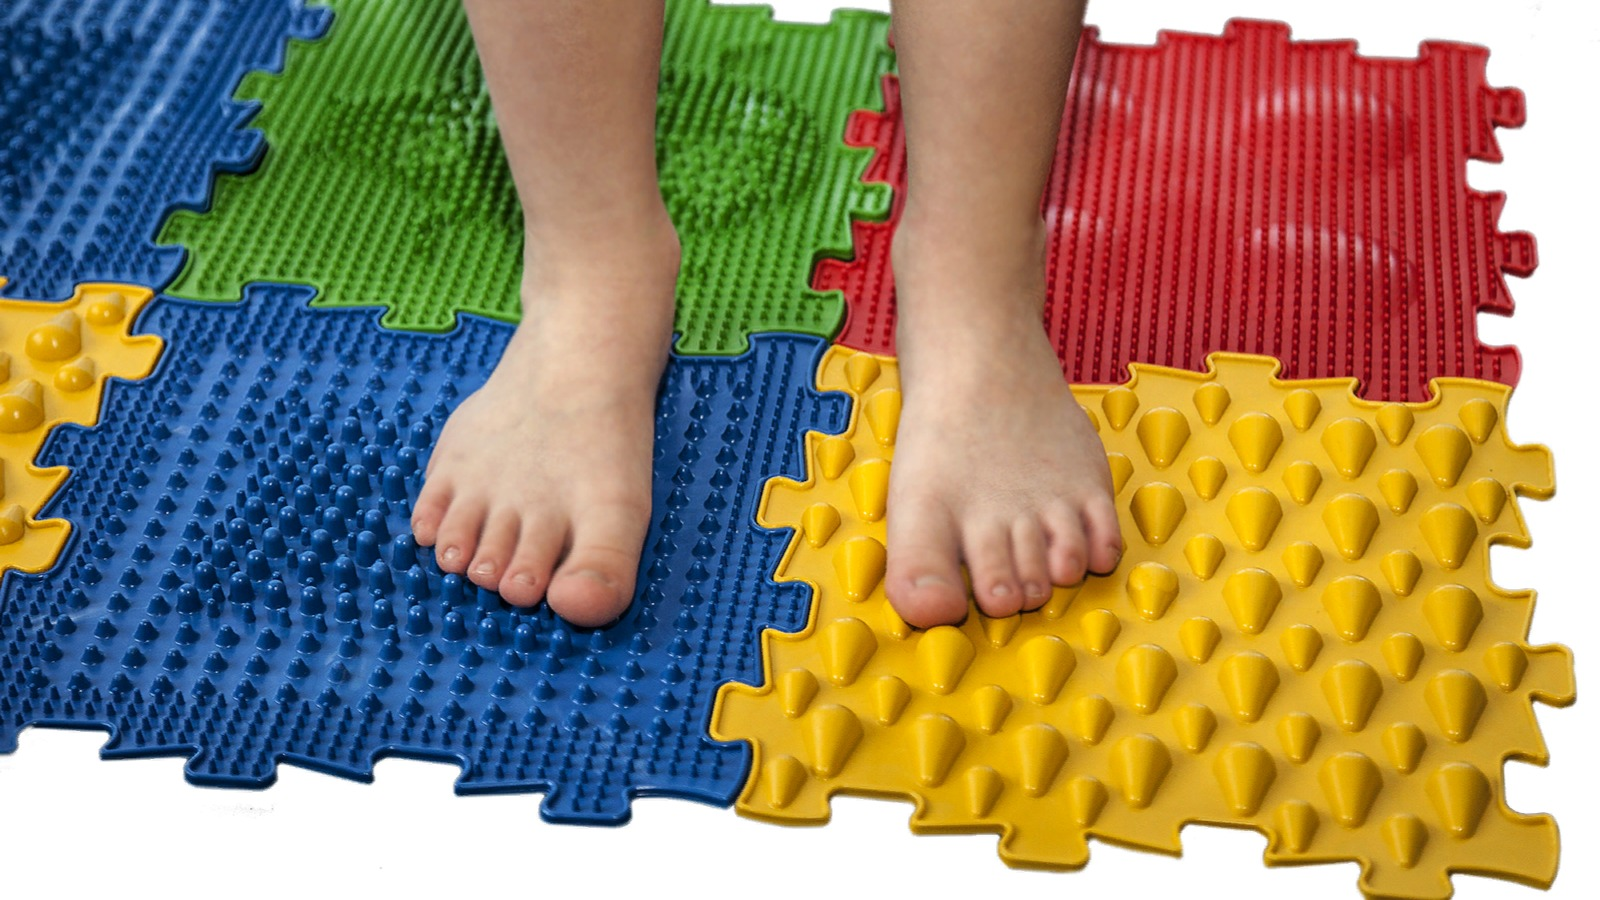 Что такое детский ортопедический коврик, в чем его польза и преимущества?